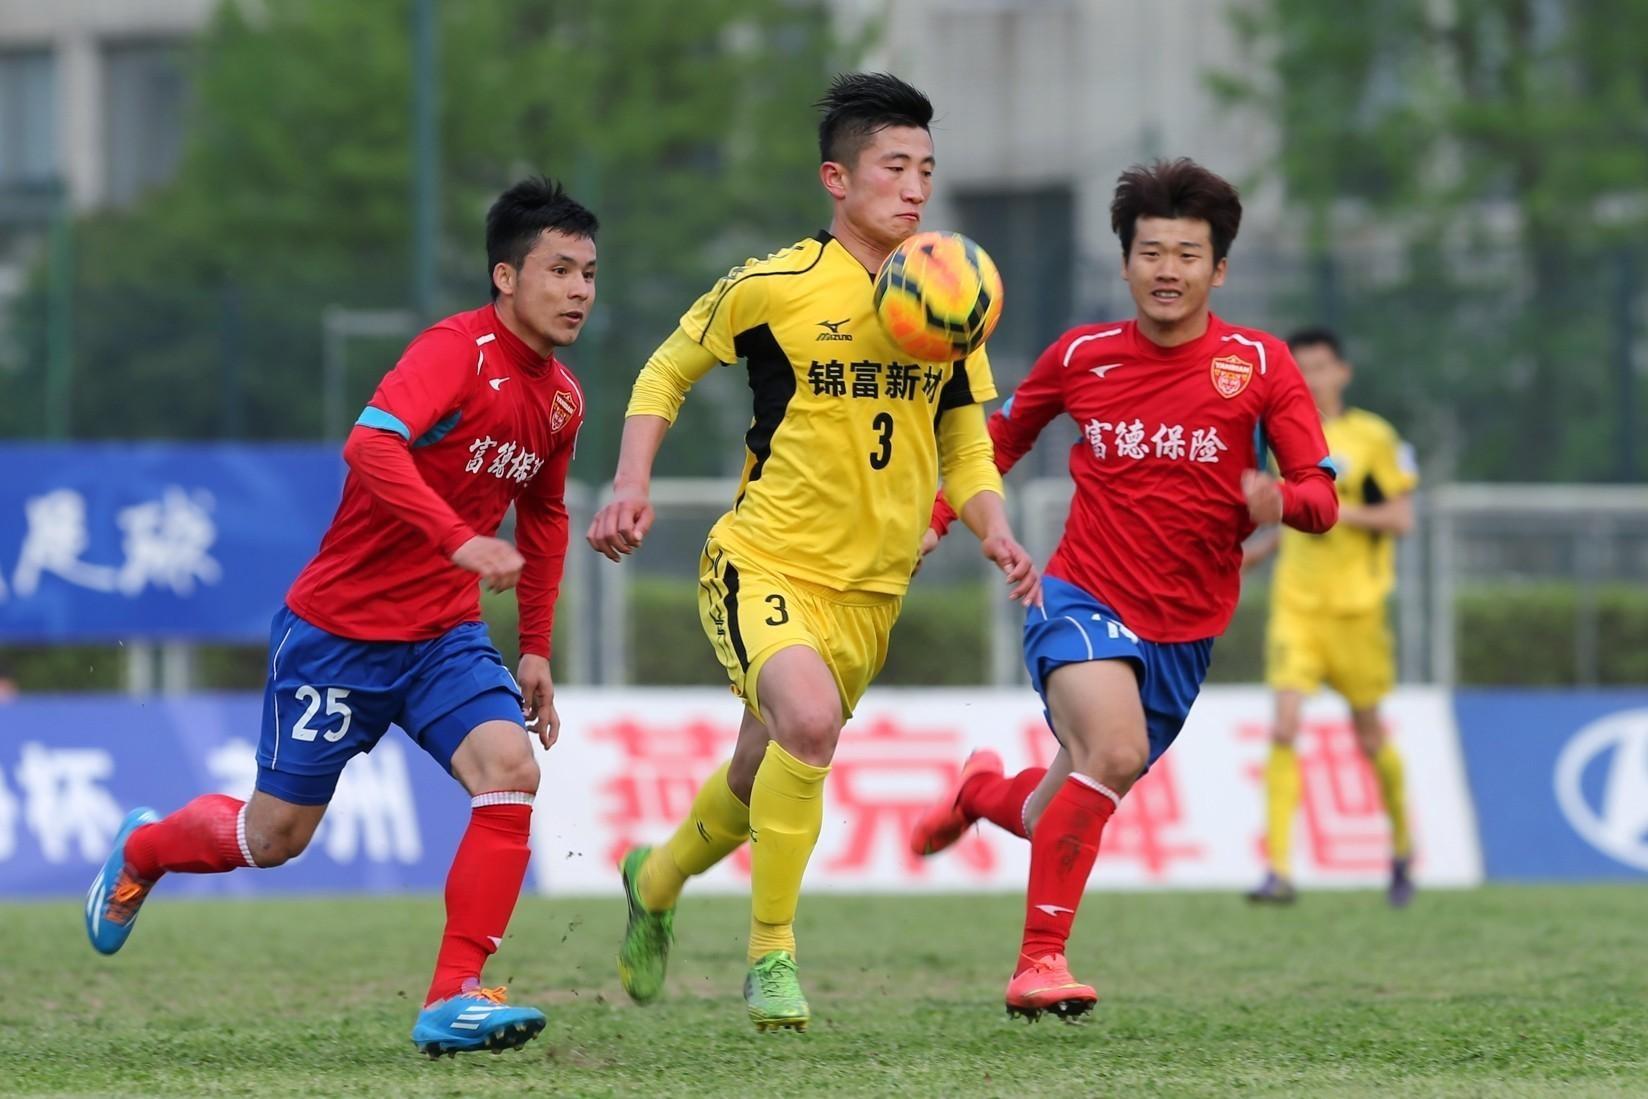 2014中国足球协会甲级联赛和预备队联赛秩序册_广西足球超级联赛_中国足球联赛体系